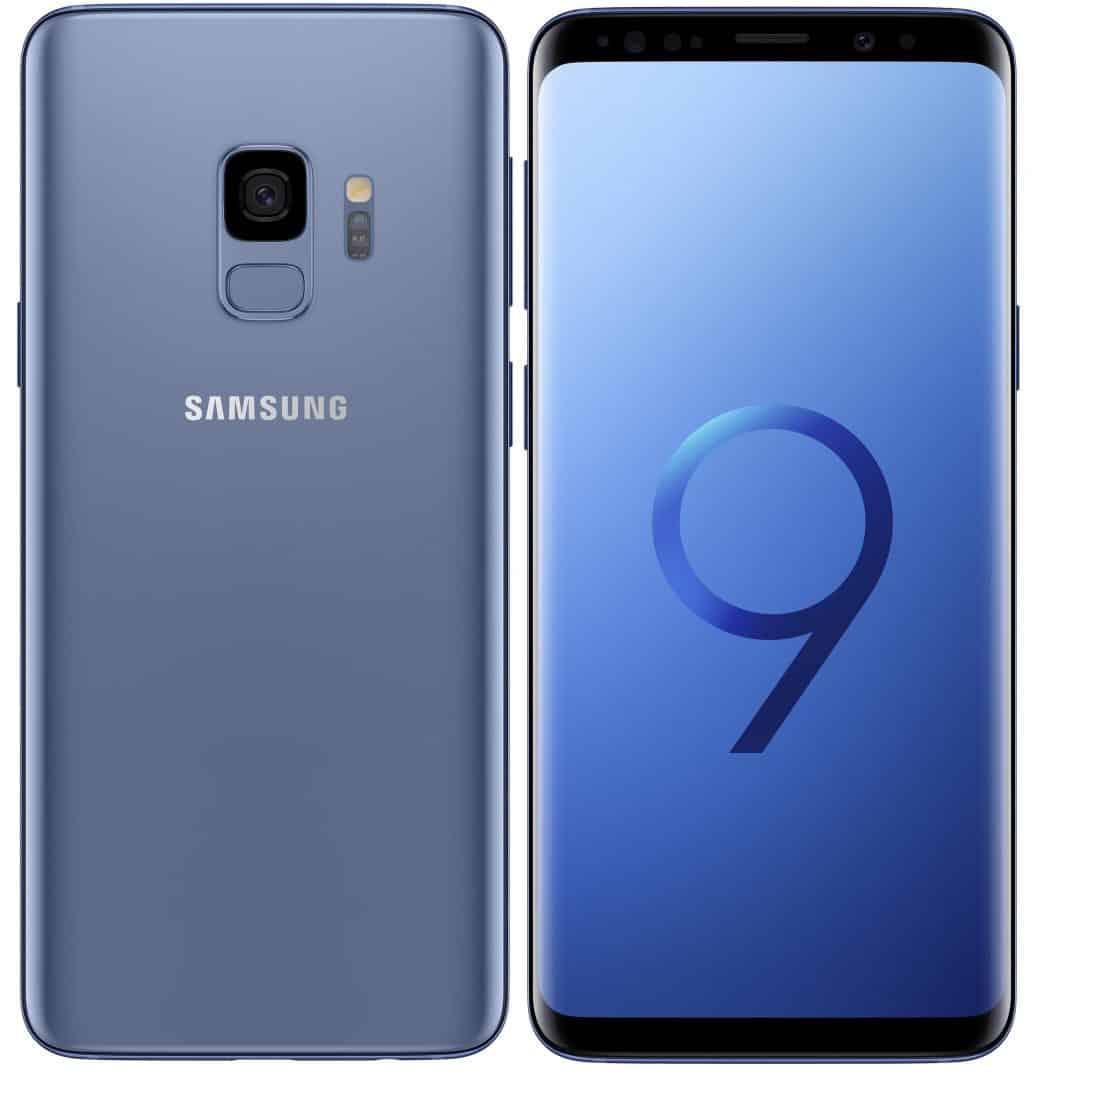 Samsung Galaxy S9 Full Specs